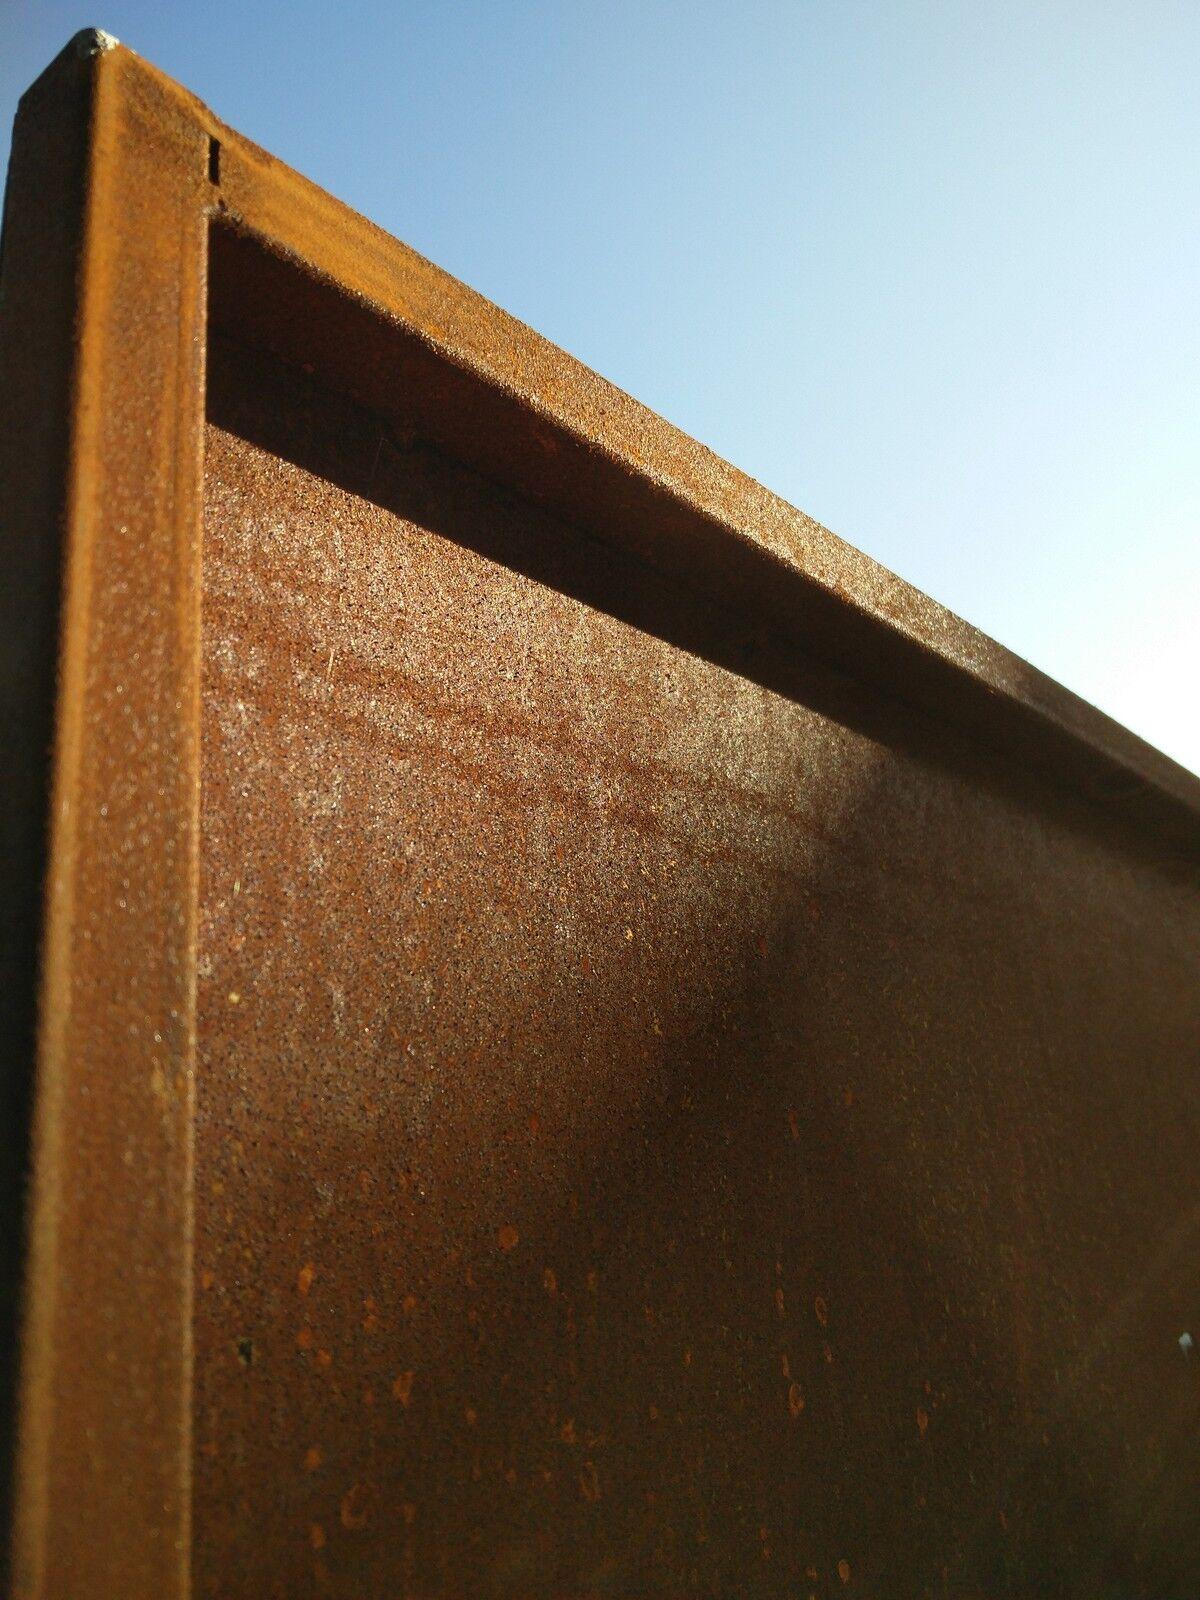 Sichtschutz Stahl Rostend Verschiedene Ideen Zur Raumgestaltung